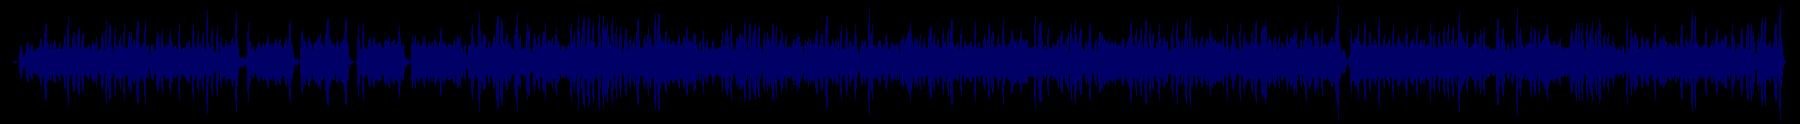 waveform of track #67521